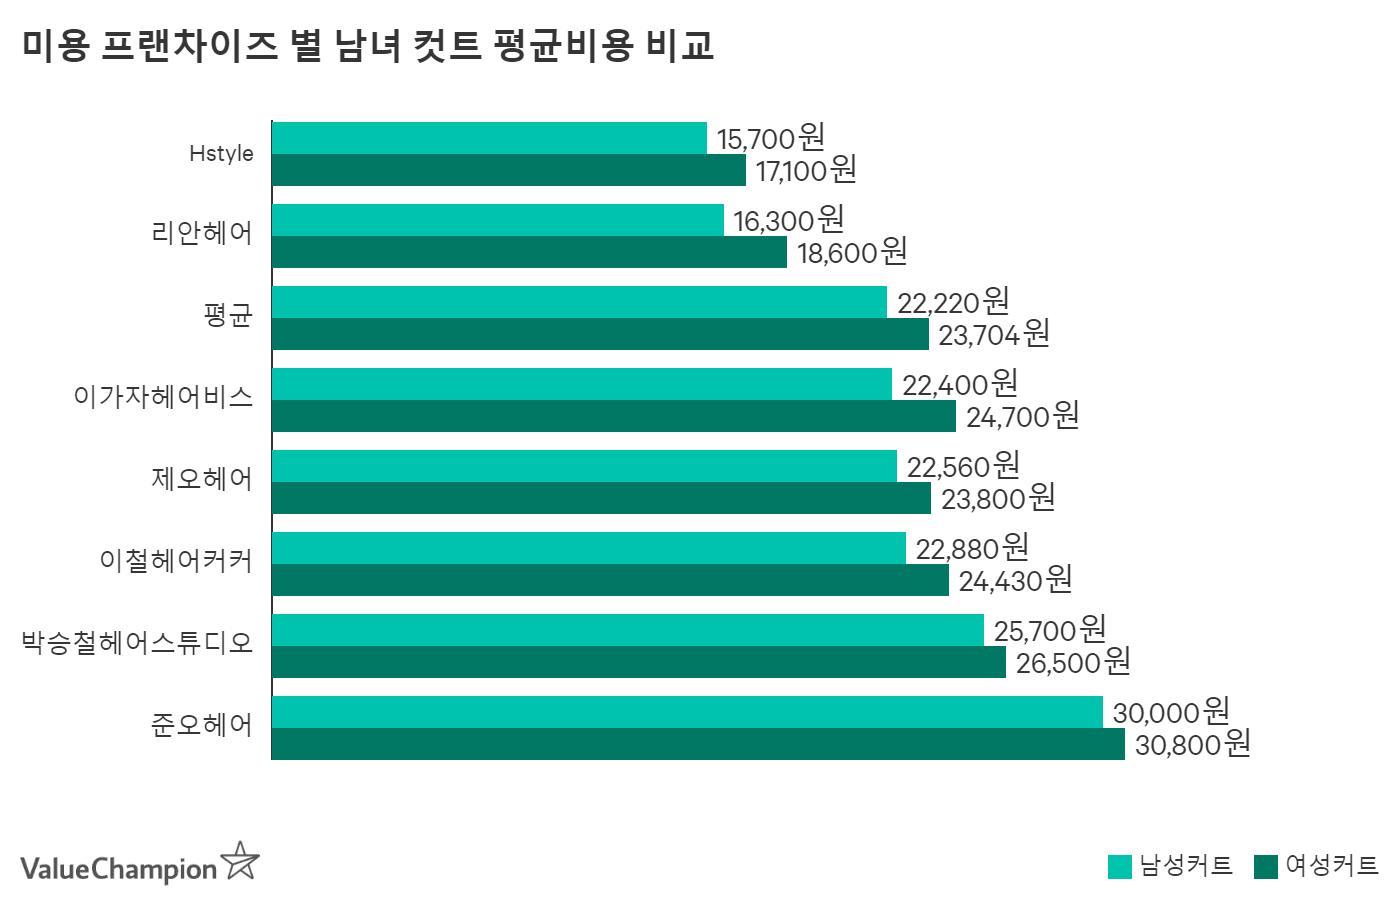 미용 프랜차이즈 별 남녀 컷트 평균비용 비교